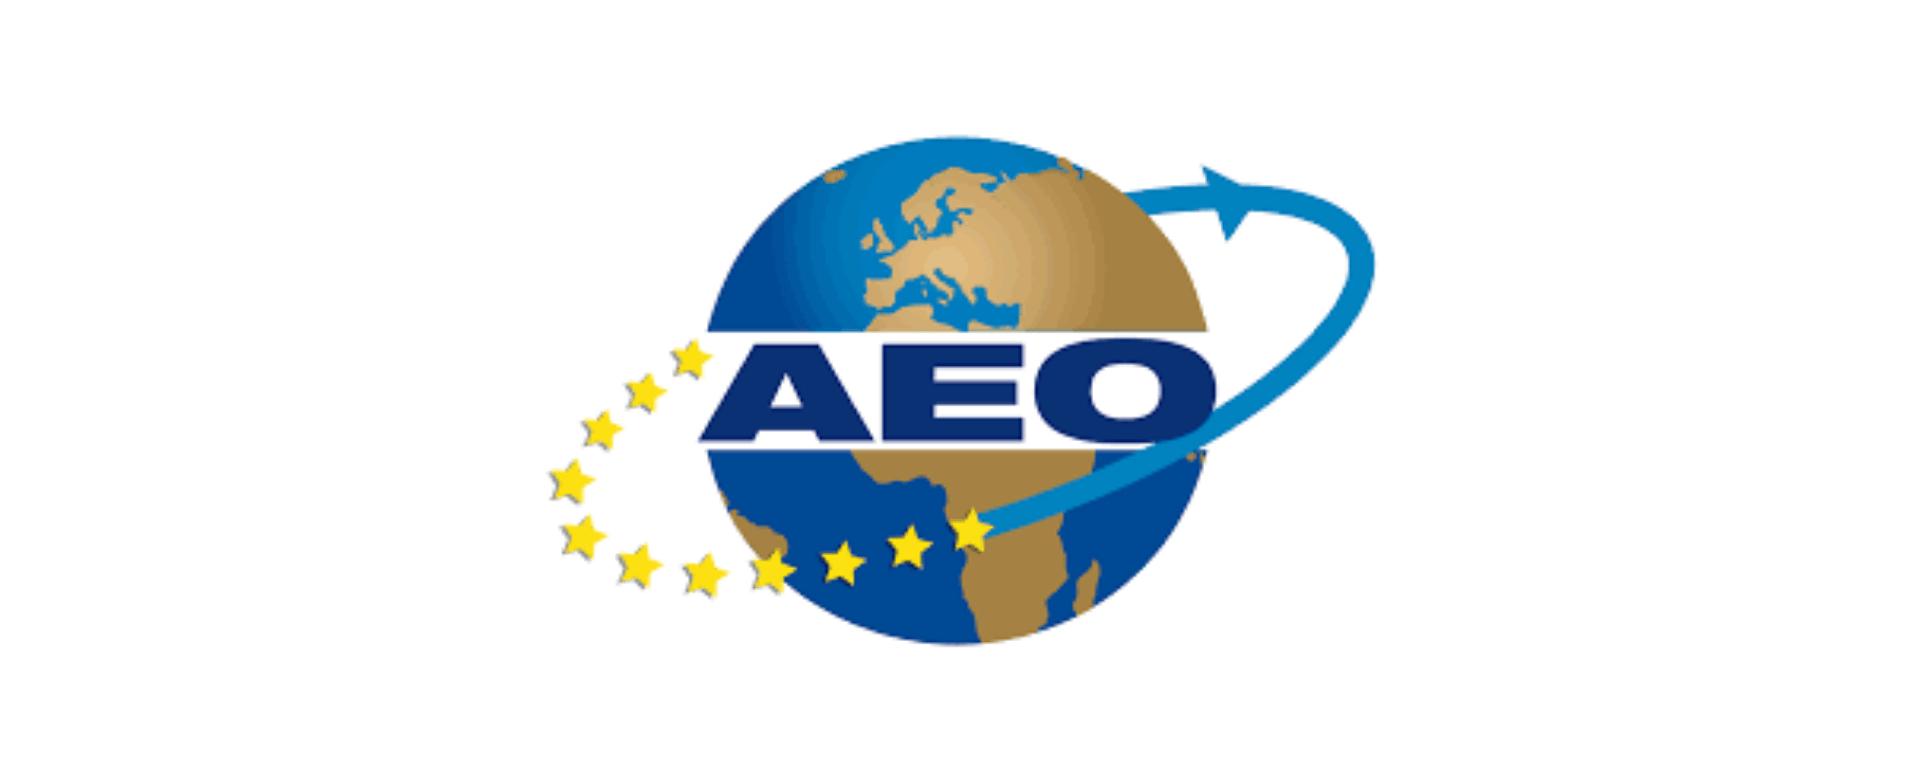 AEO status Transagent